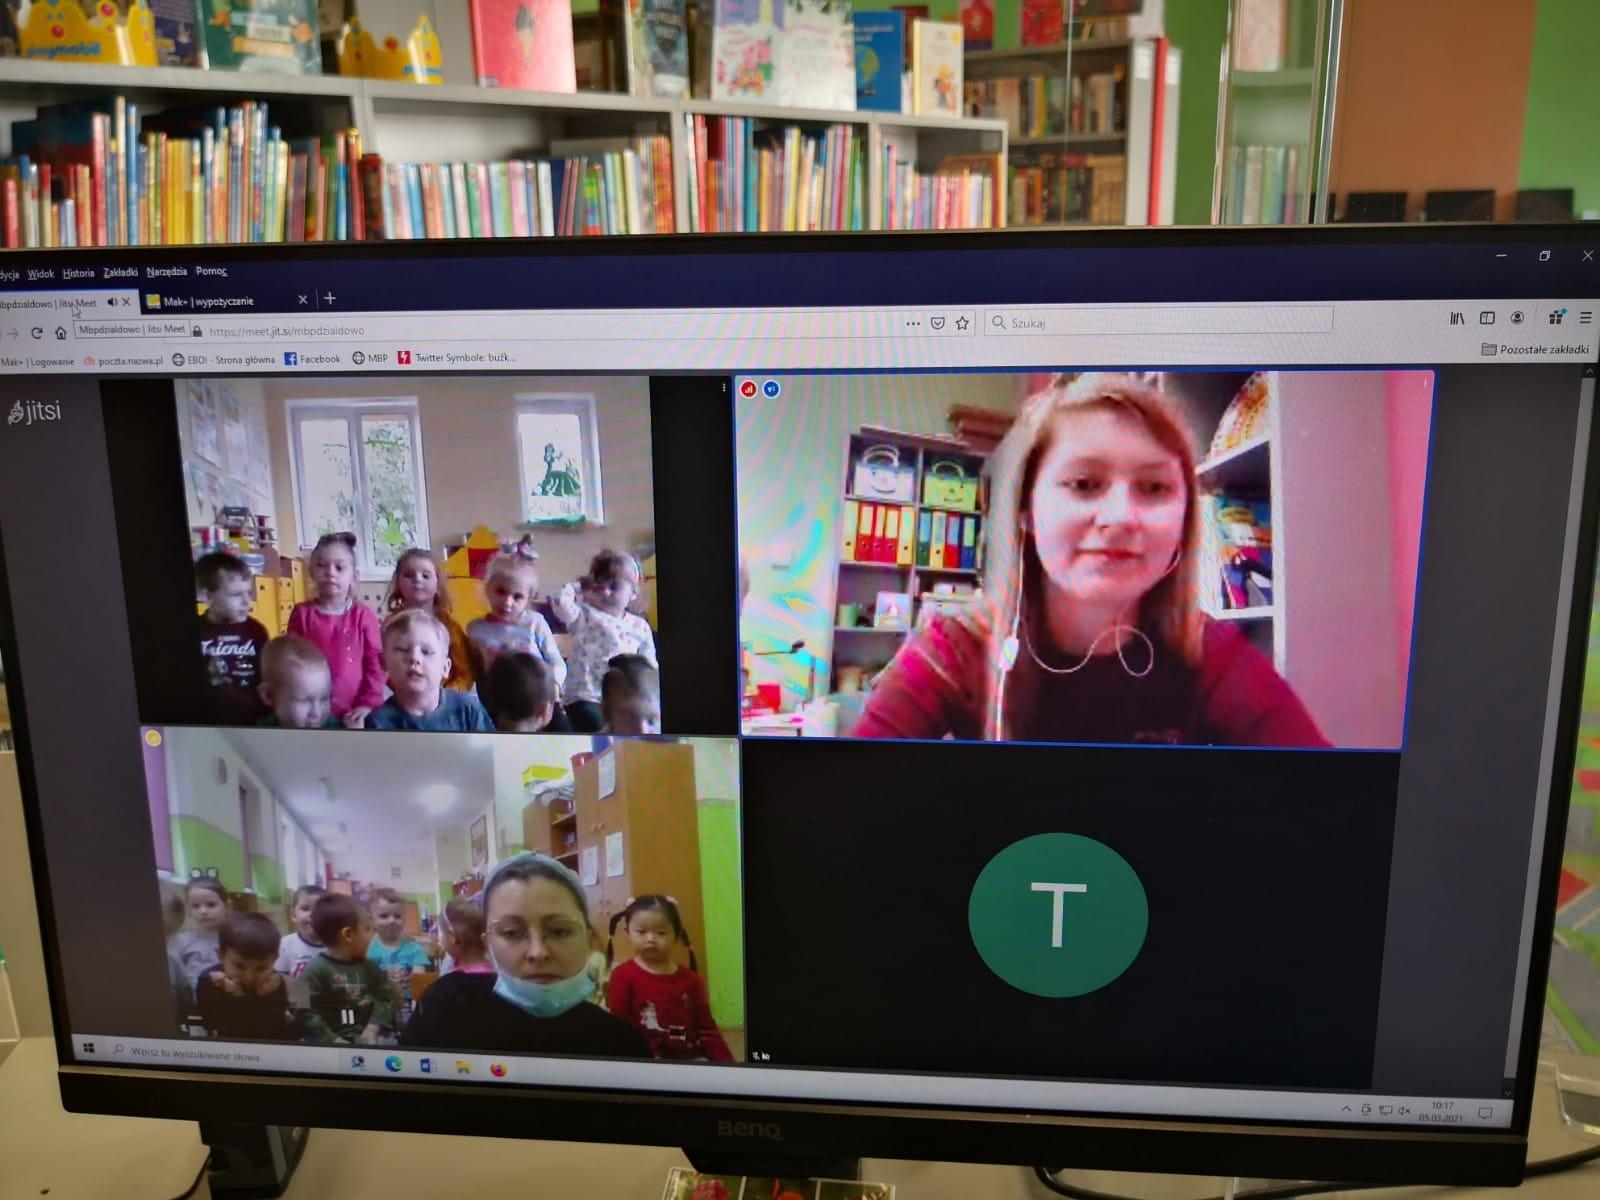 ekran monitora z włączonym komunikatorem do wideokonferencji z bibliotekarką Olą i dziećmi z przedszkola nr1